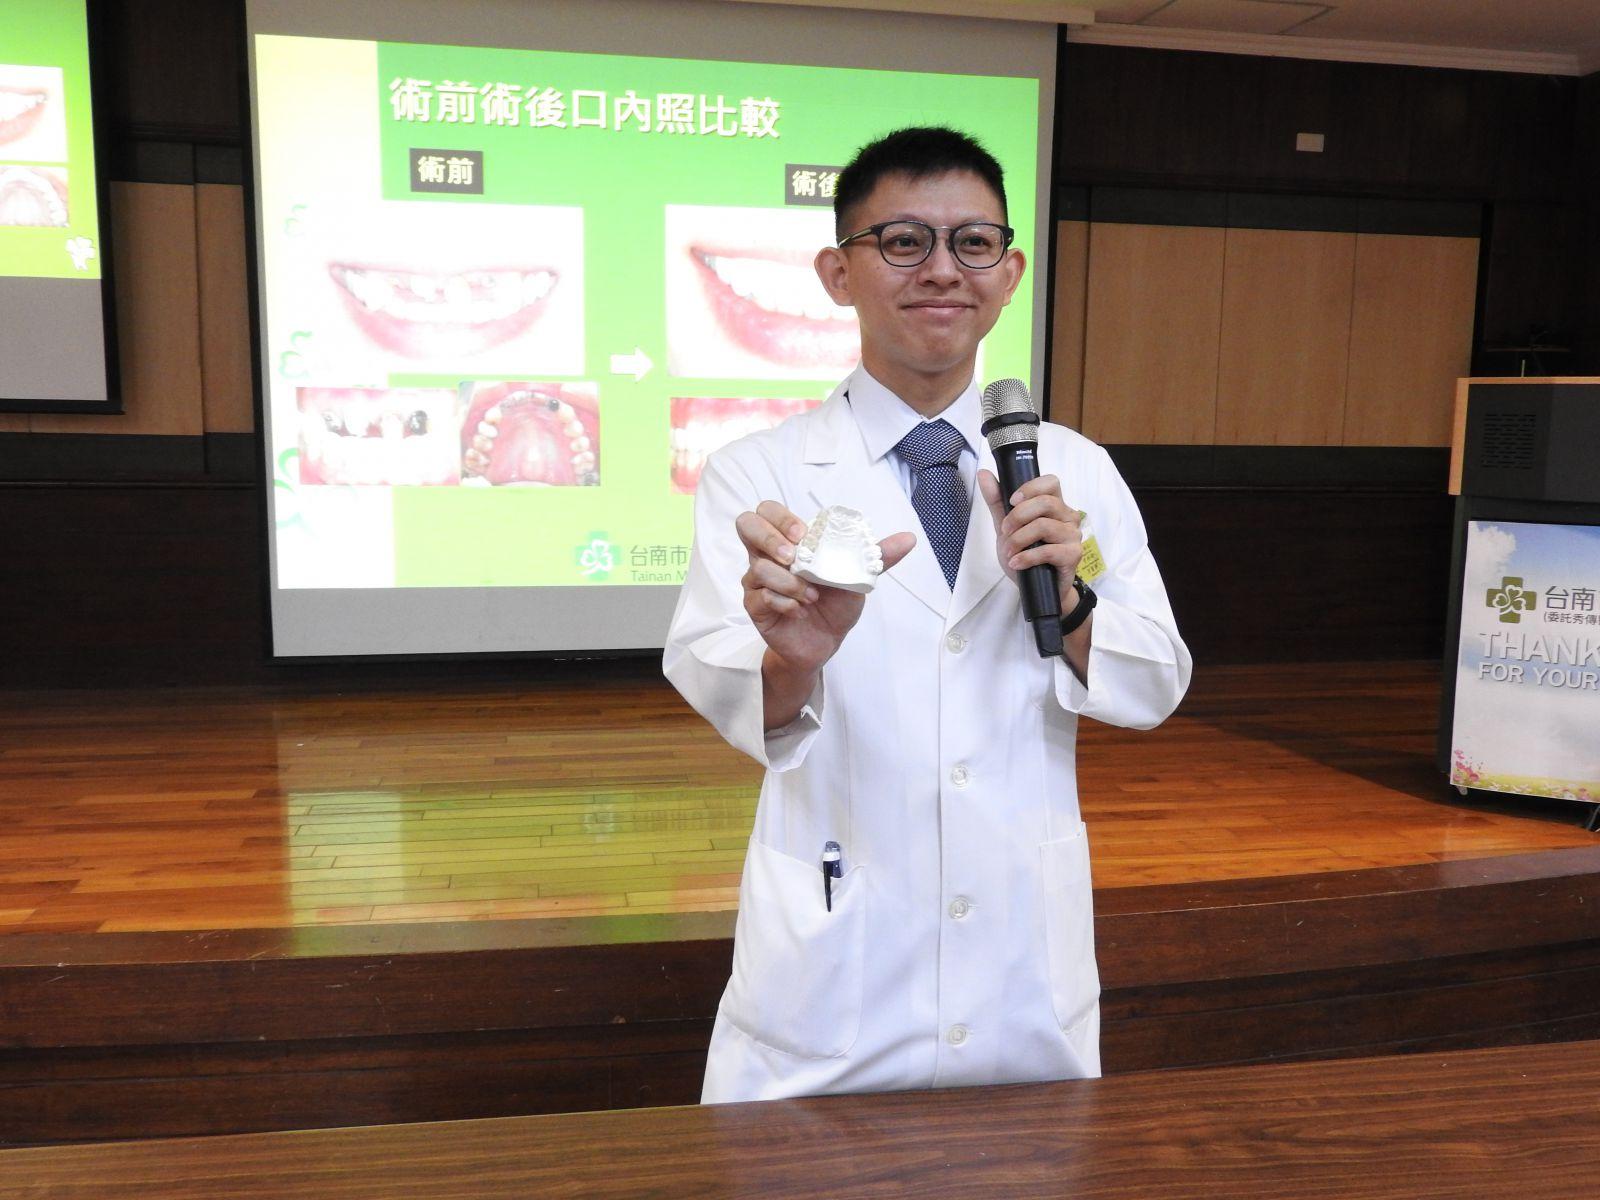 圖:臺南市立醫院陳柏仁牙醫師